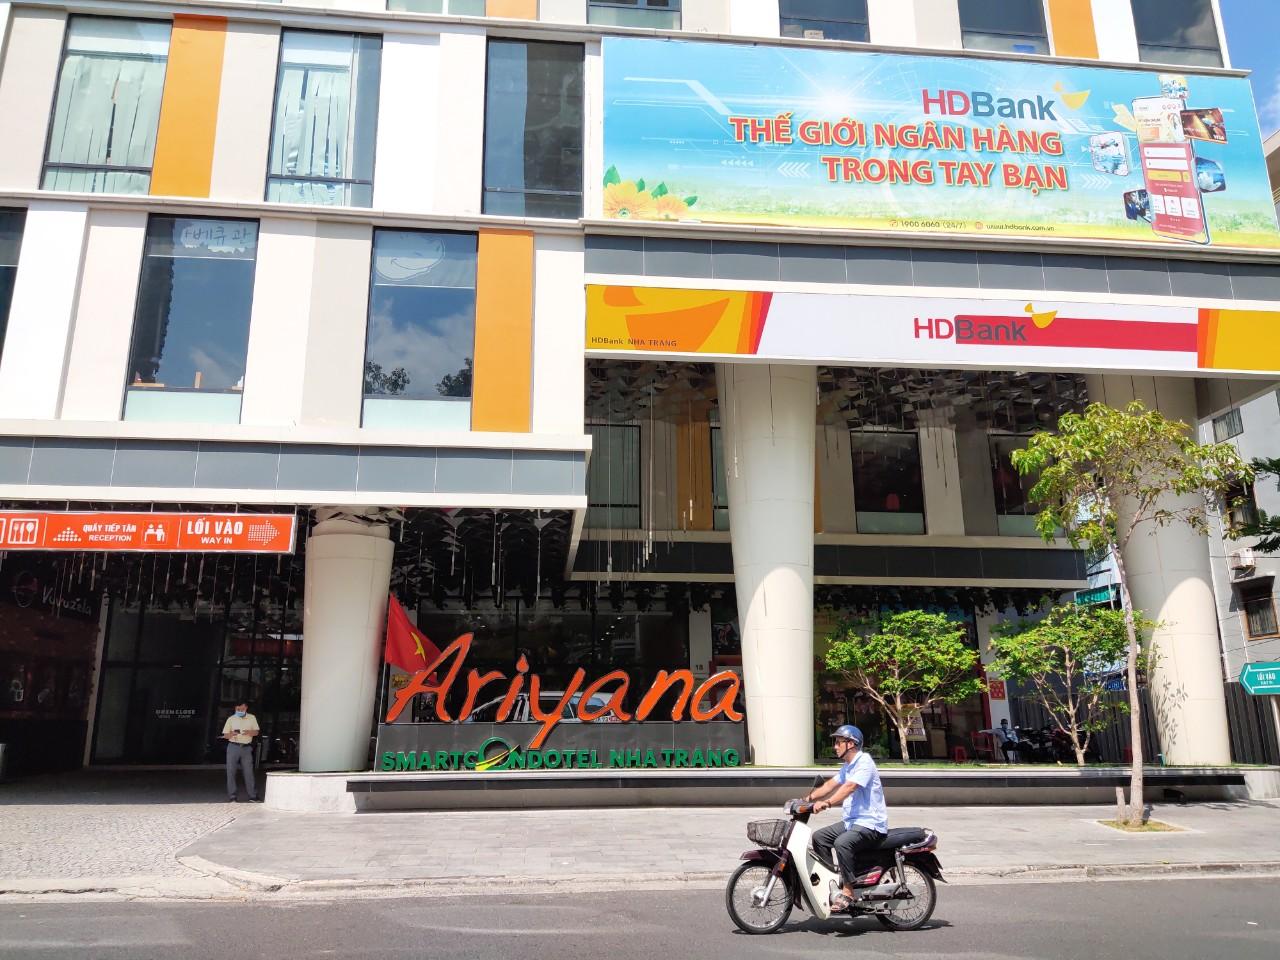 Dính sai phạm trong kết luận TTCP Ariyana SmartCondotel Nha Trang bị thu hồi đất ở không hình thành đơn vị ở - Ảnh 2.